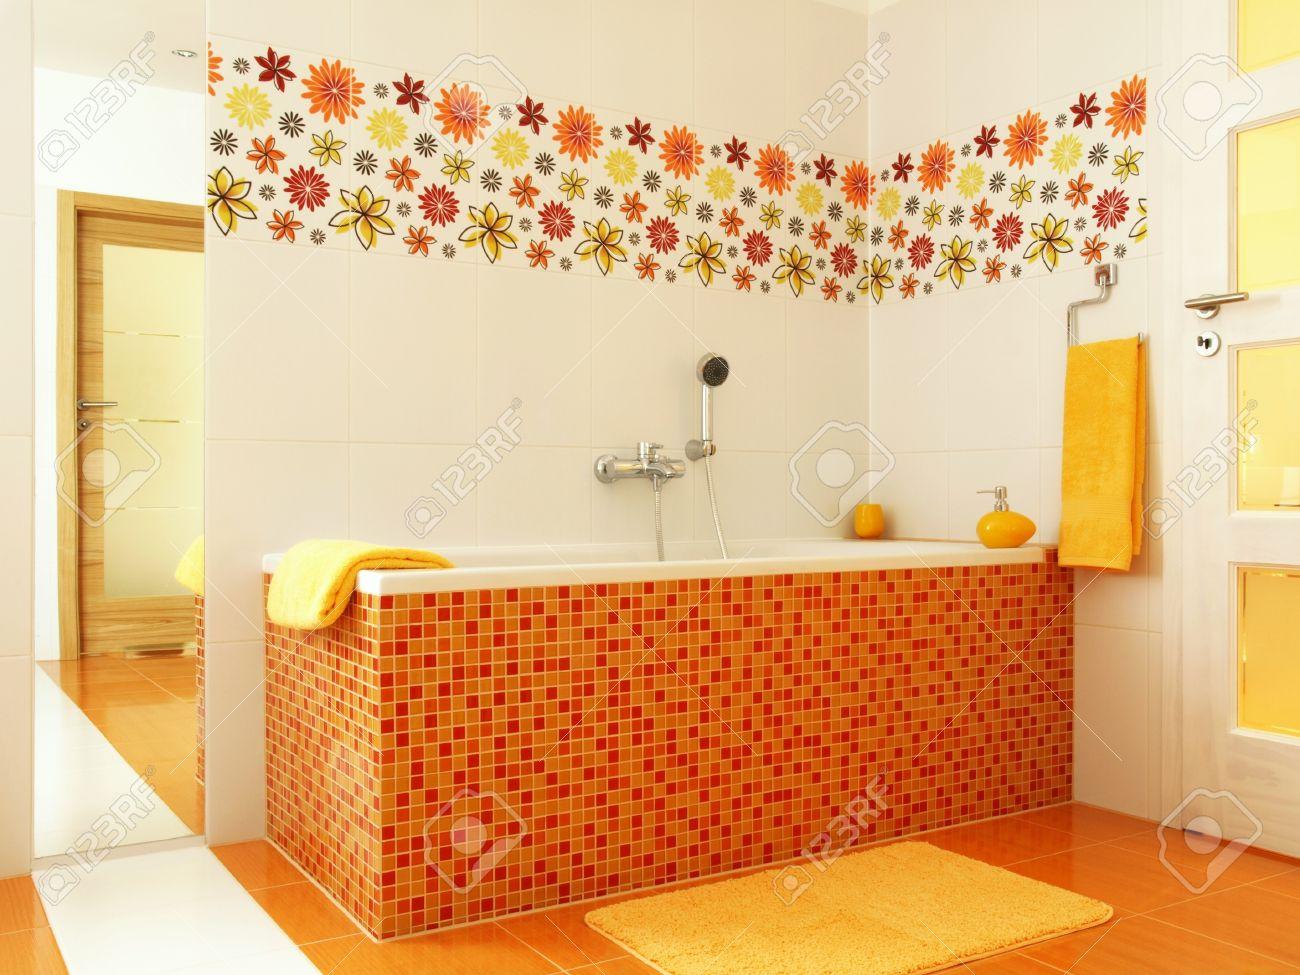 Kleurrijke Badkamer Met Oranje En Geel Mozaïek Bad Handdoeken ...